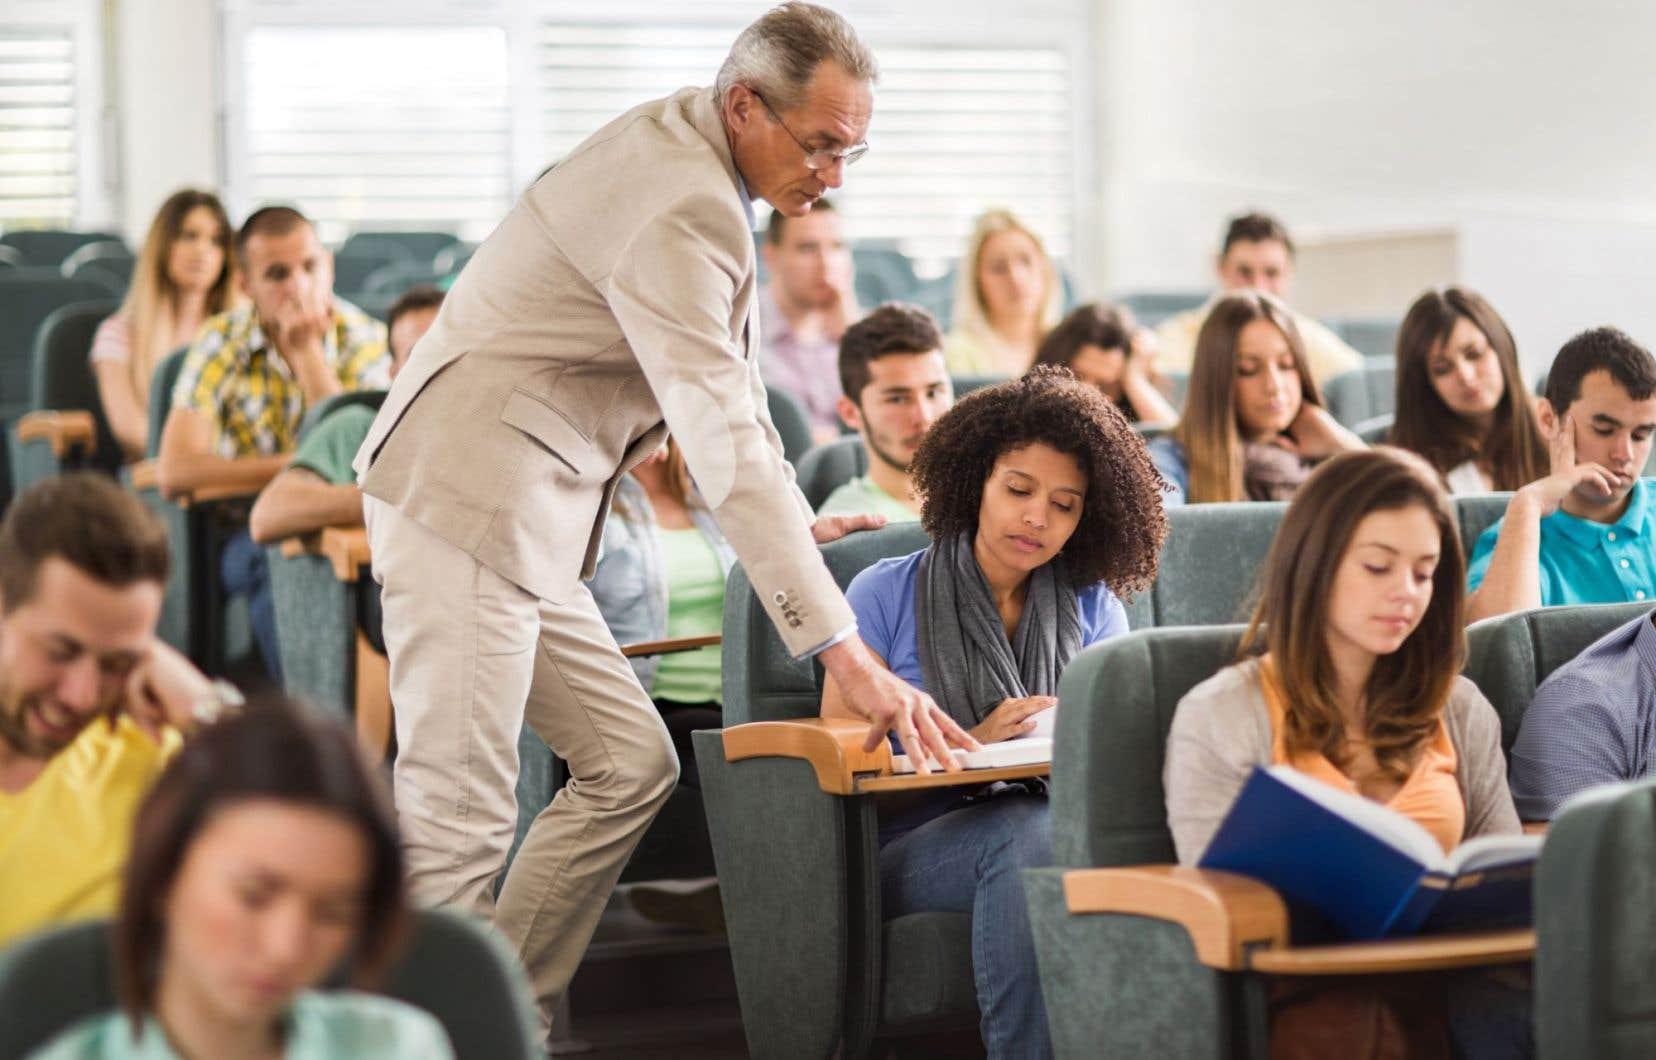 Les rapports sexuels ou amoureux entre professeurs et étudiants ne font l'objet d'aucune réglementation dans les maisons d'enseignement supérieur.